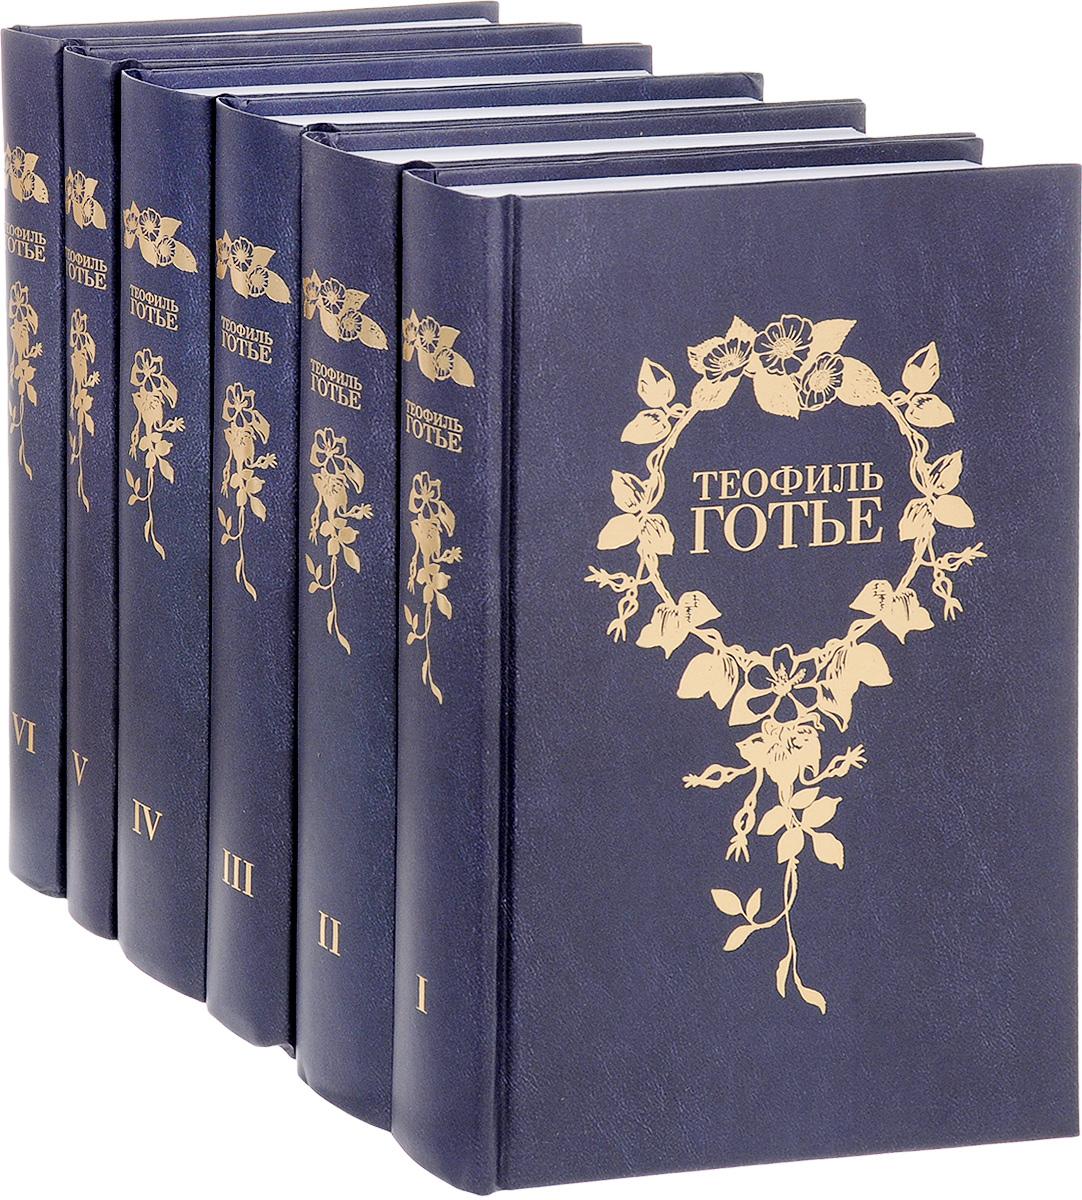 Теофиль Готье Теофиль Готье. Собрание сочинений. В 6 томах (комплект из 6 книг) боевой флот комплект из 6 книг